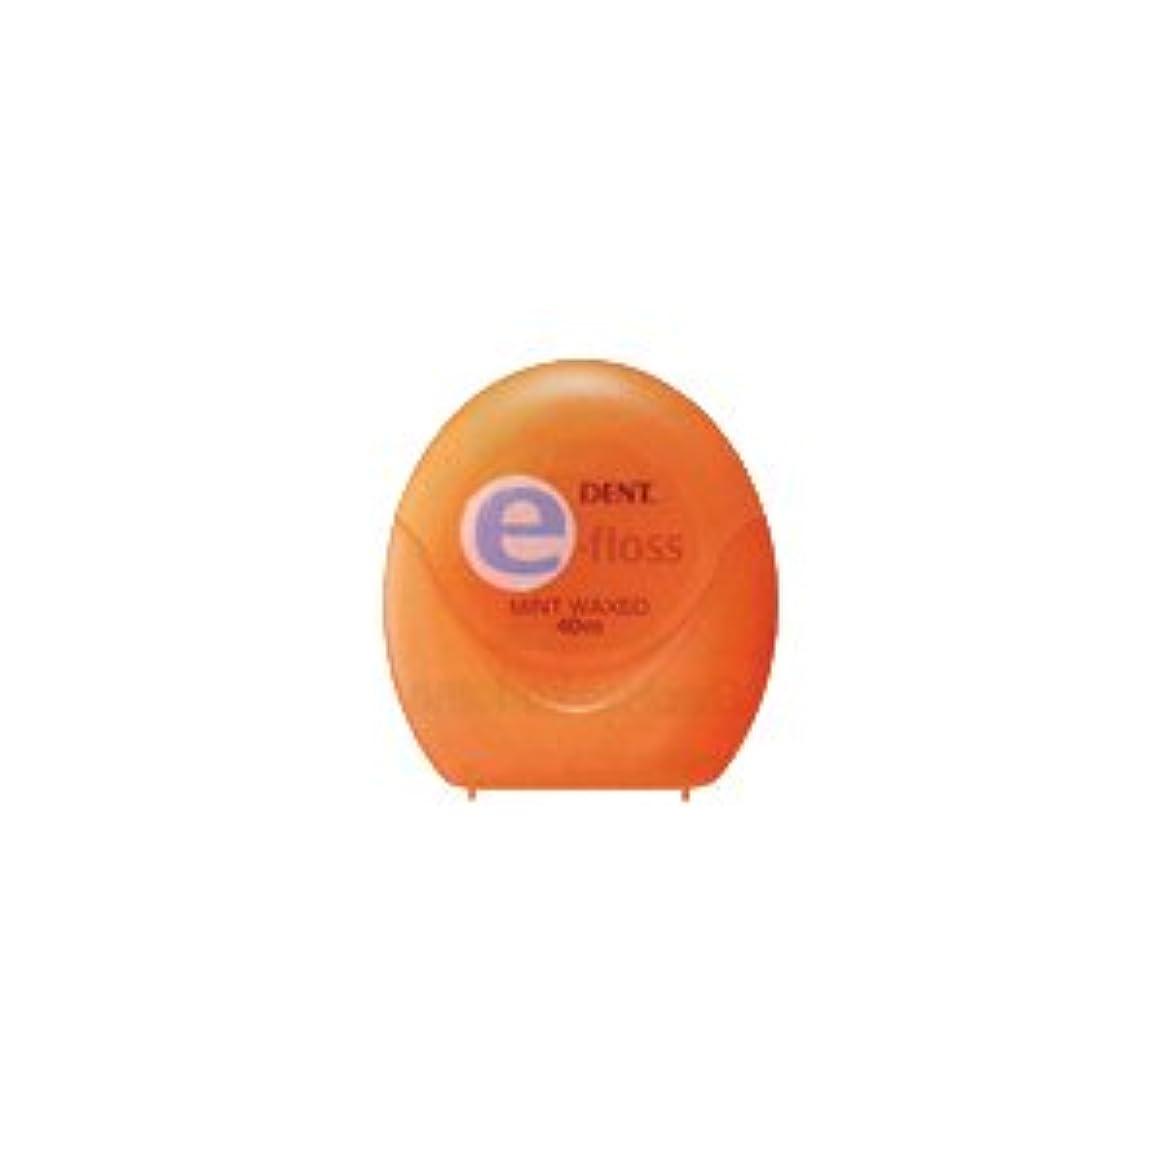 料理爆発するキリンライオン DENT.e-floss デントイーフロス 1個 (オレンジ)